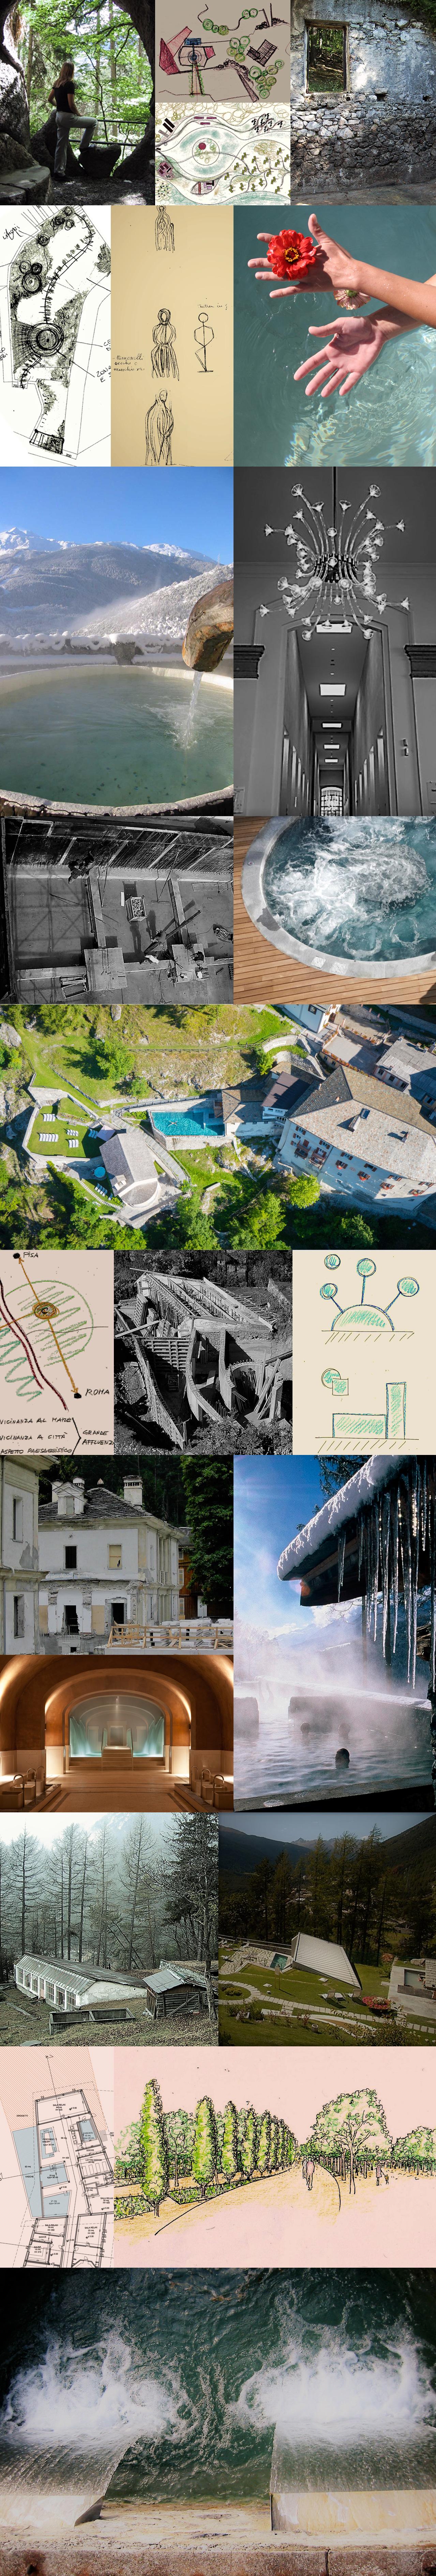 immagini about Paola Gerosa Architetto